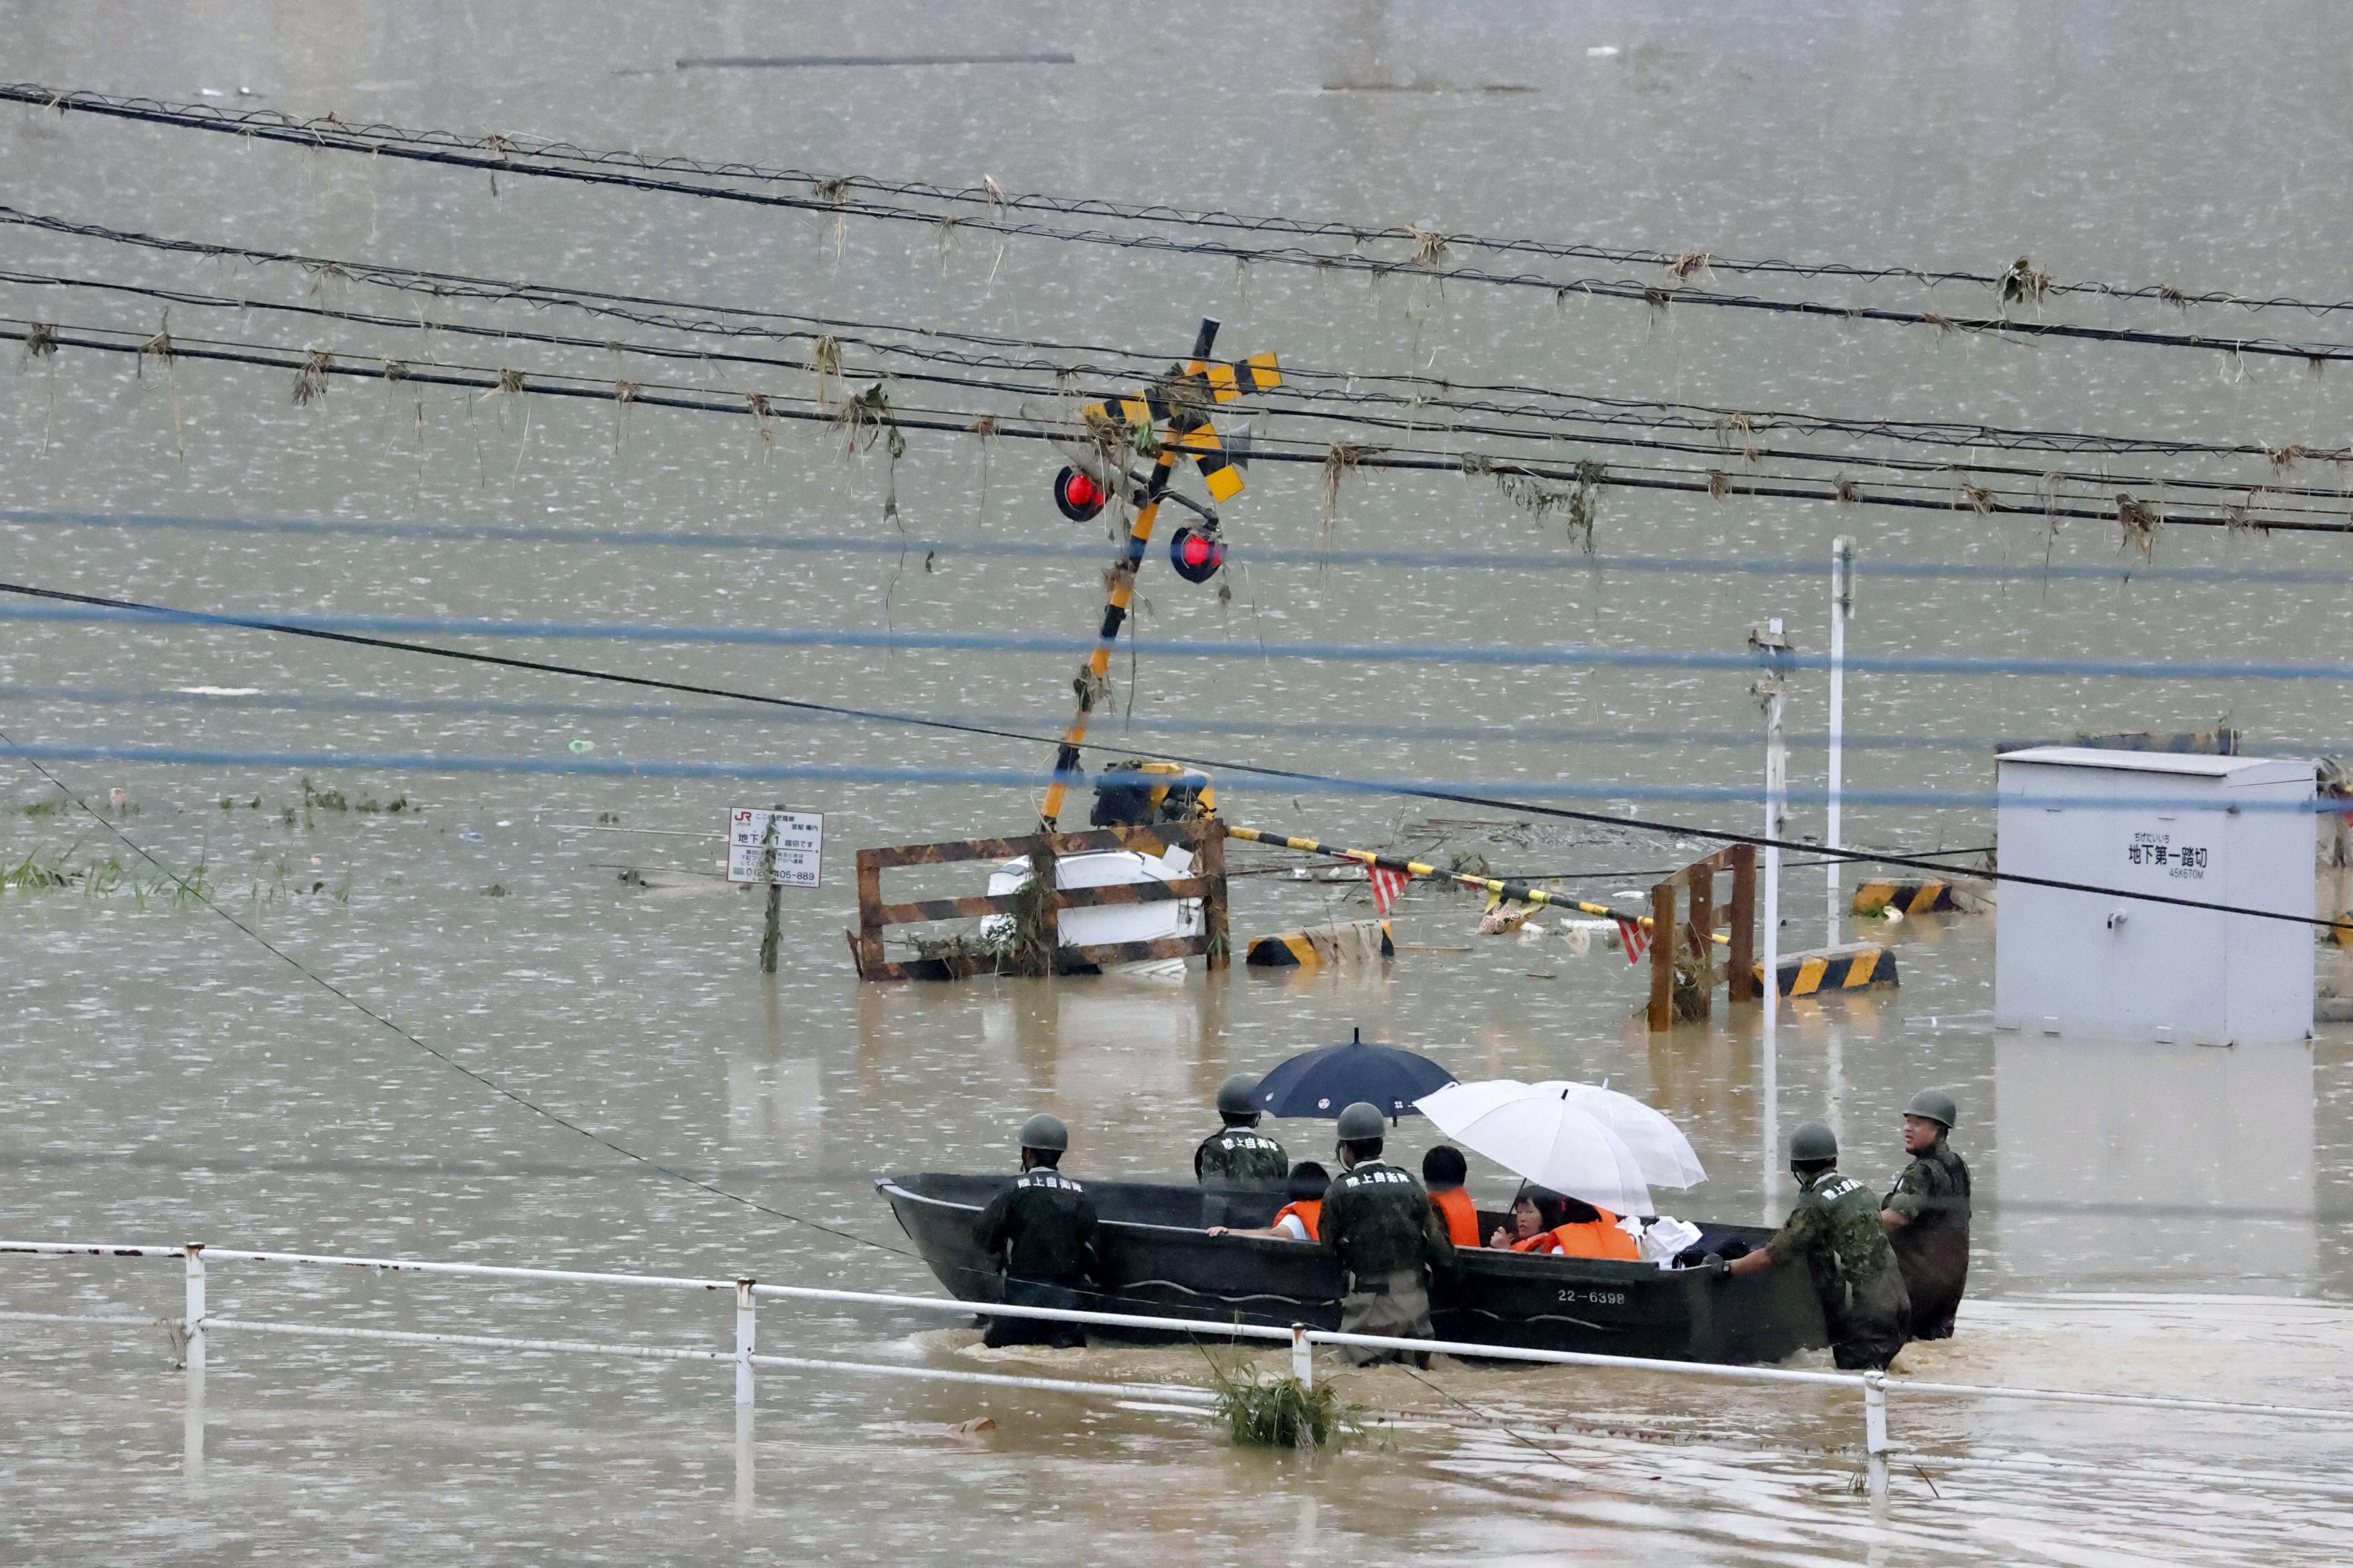 Sobe o número de mortos e desaparecidos em inundação no Japão